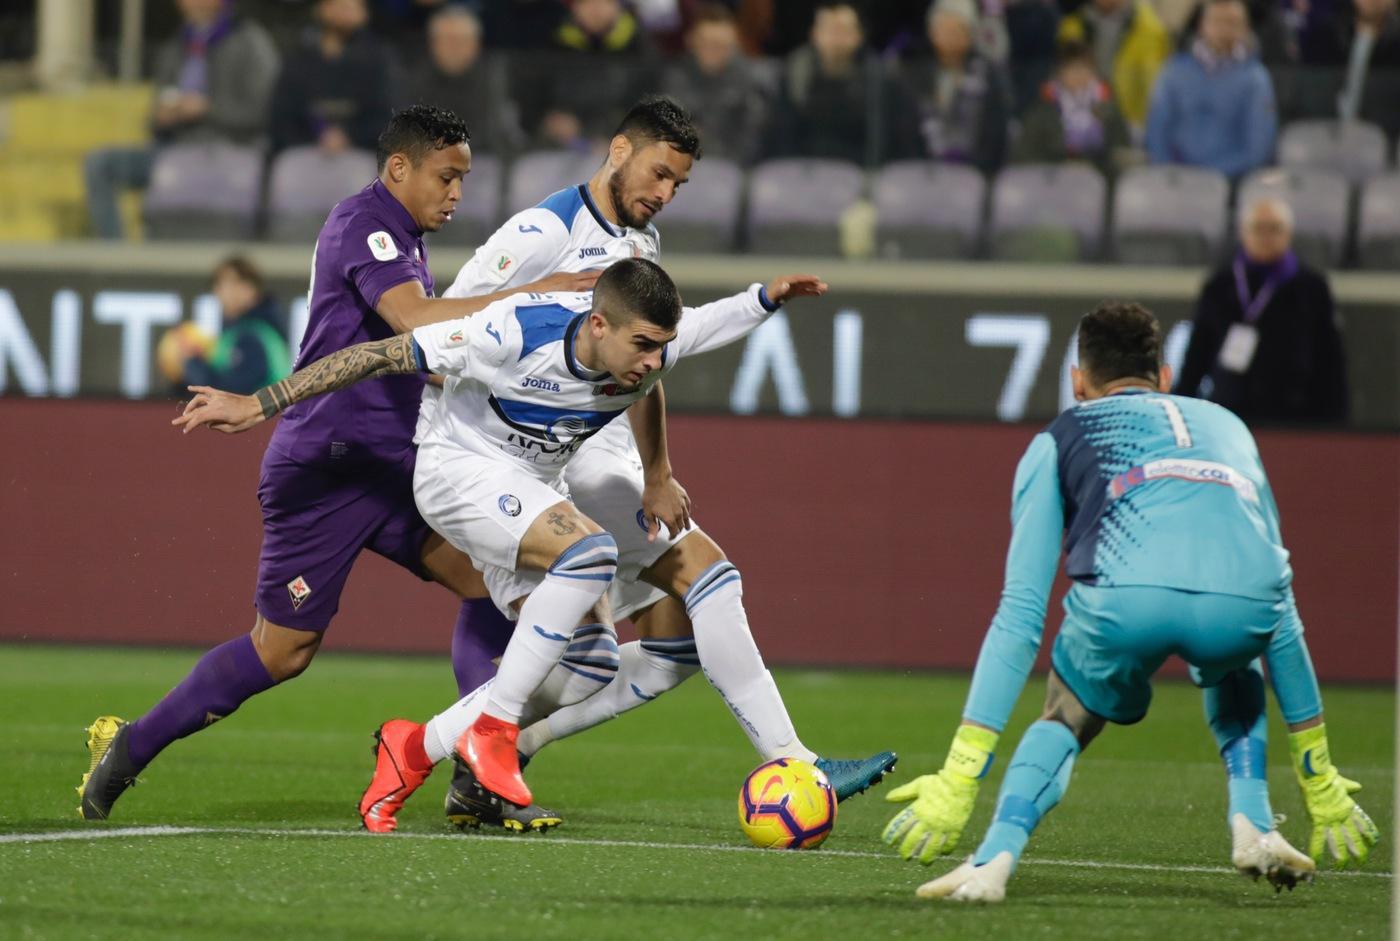 Nella seconda semifinale di Coppa Italia, gol ed emozioni al Franchi dove Fiorentina e Atalanta fanno 3-3 e rimandano ogni discorso alla sfida di ritorno. A mangiarsi le mani sono i bergamaschi, sempre avanti e rimontati. Ilicic illumina per Gomez (16') e Pasalic (18'). Un errore di Palomino manda in porta Chiesa (33') e 3' dopo Benassi ristabilisce la parità. Nella ripresa De Roon riporta avanti la Dea (59'), definitivo pari di Muriel (79').